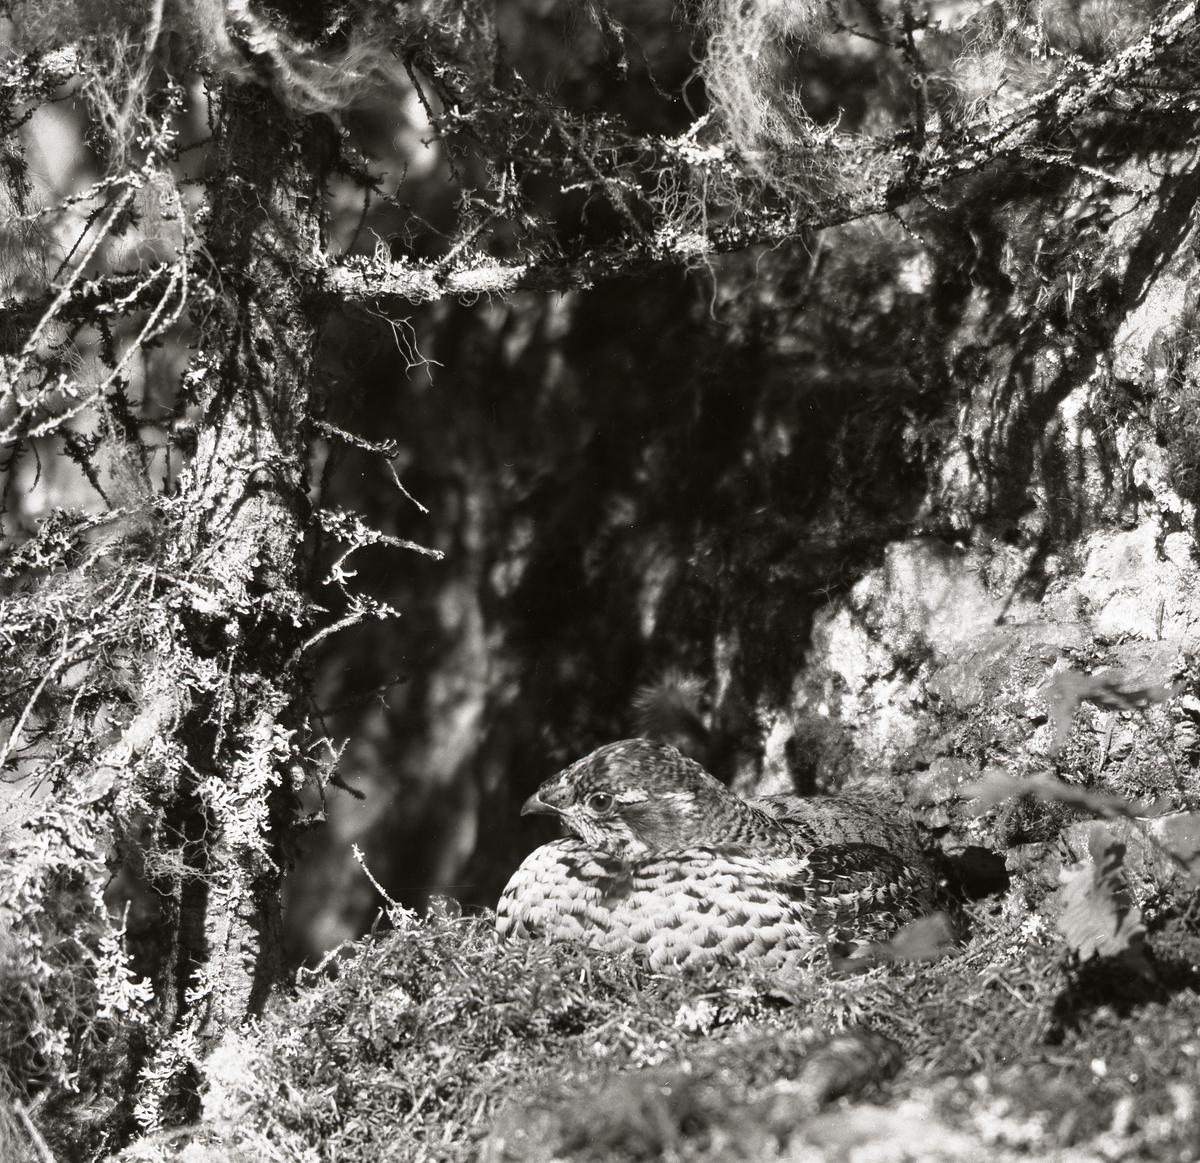 Ruvnde Järpe ligger i boet blad grenar med skägglav, 25 maj 1954.